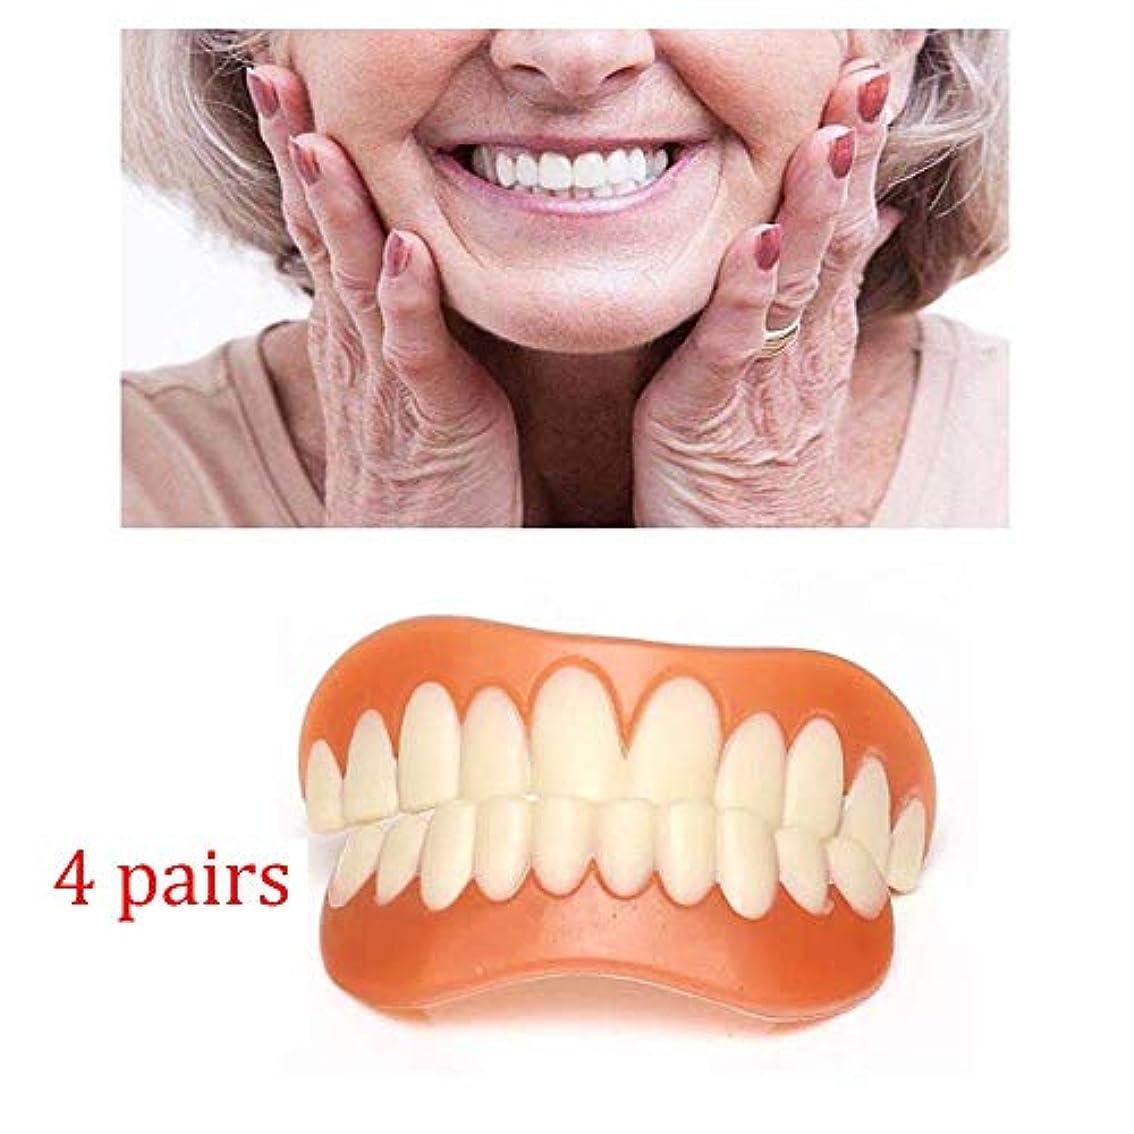 アプトホバーコメントインスタント笑顔歯4対上下の白い歯の列セット義歯セットベニヤフレックス義歯パーフェクトフィットペーストツール